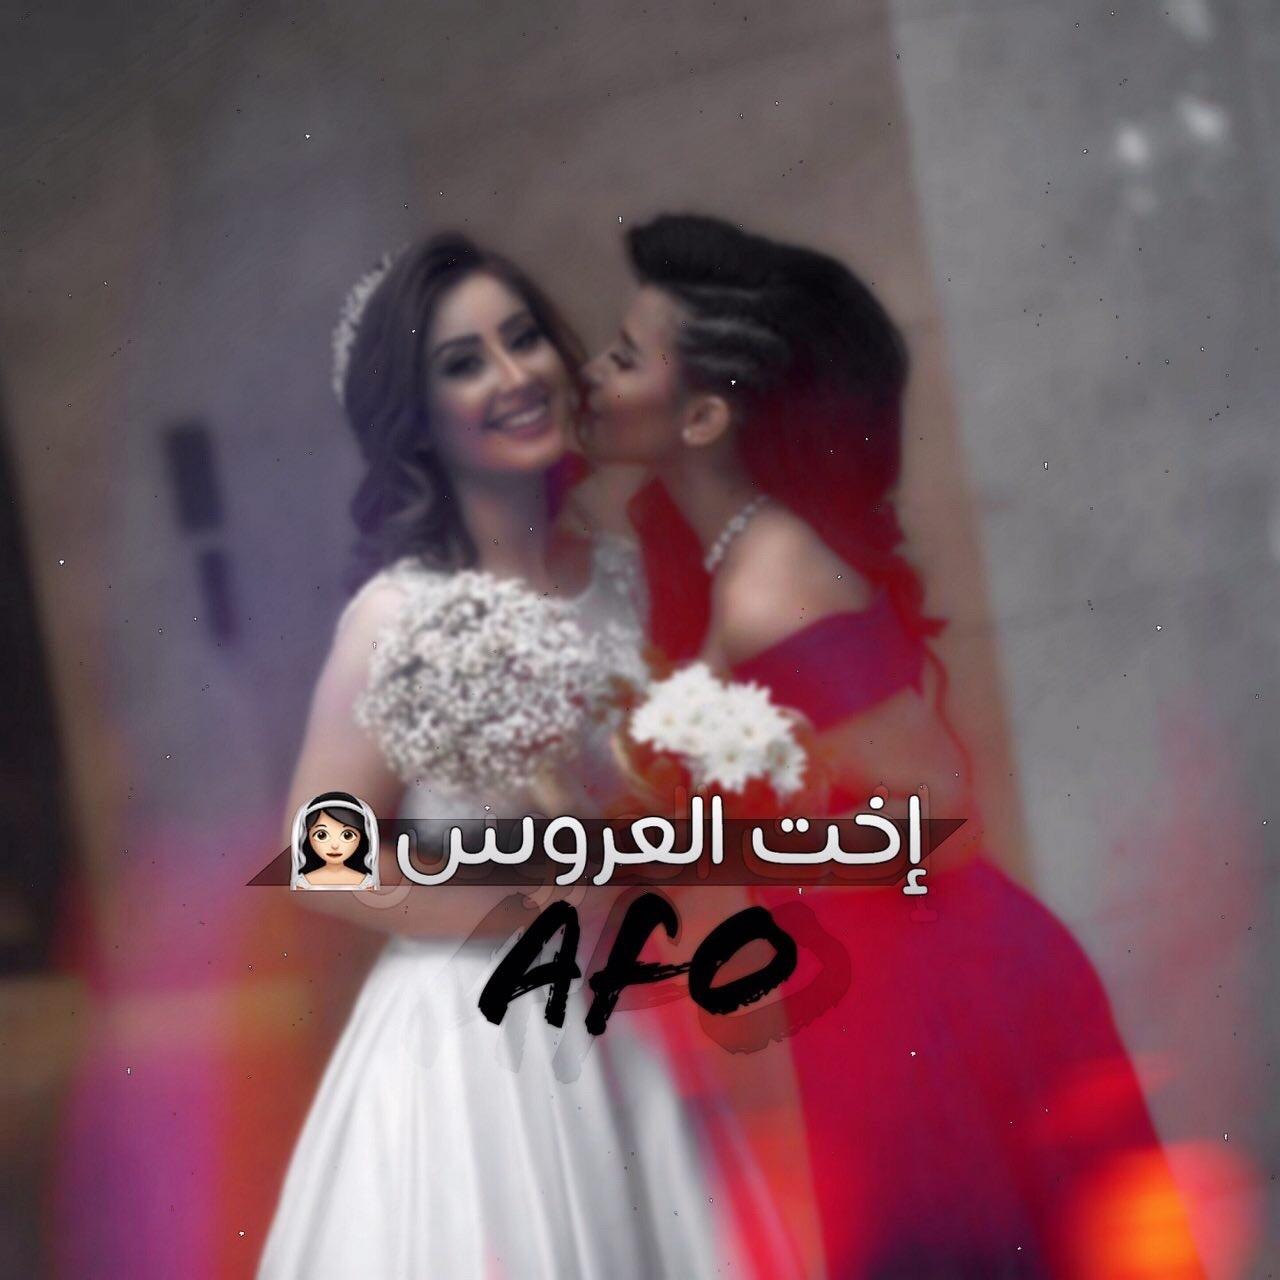 تصادم الرفيق أمتياز فستان مكتوب عليها عروسة Cabuildingbridges Org